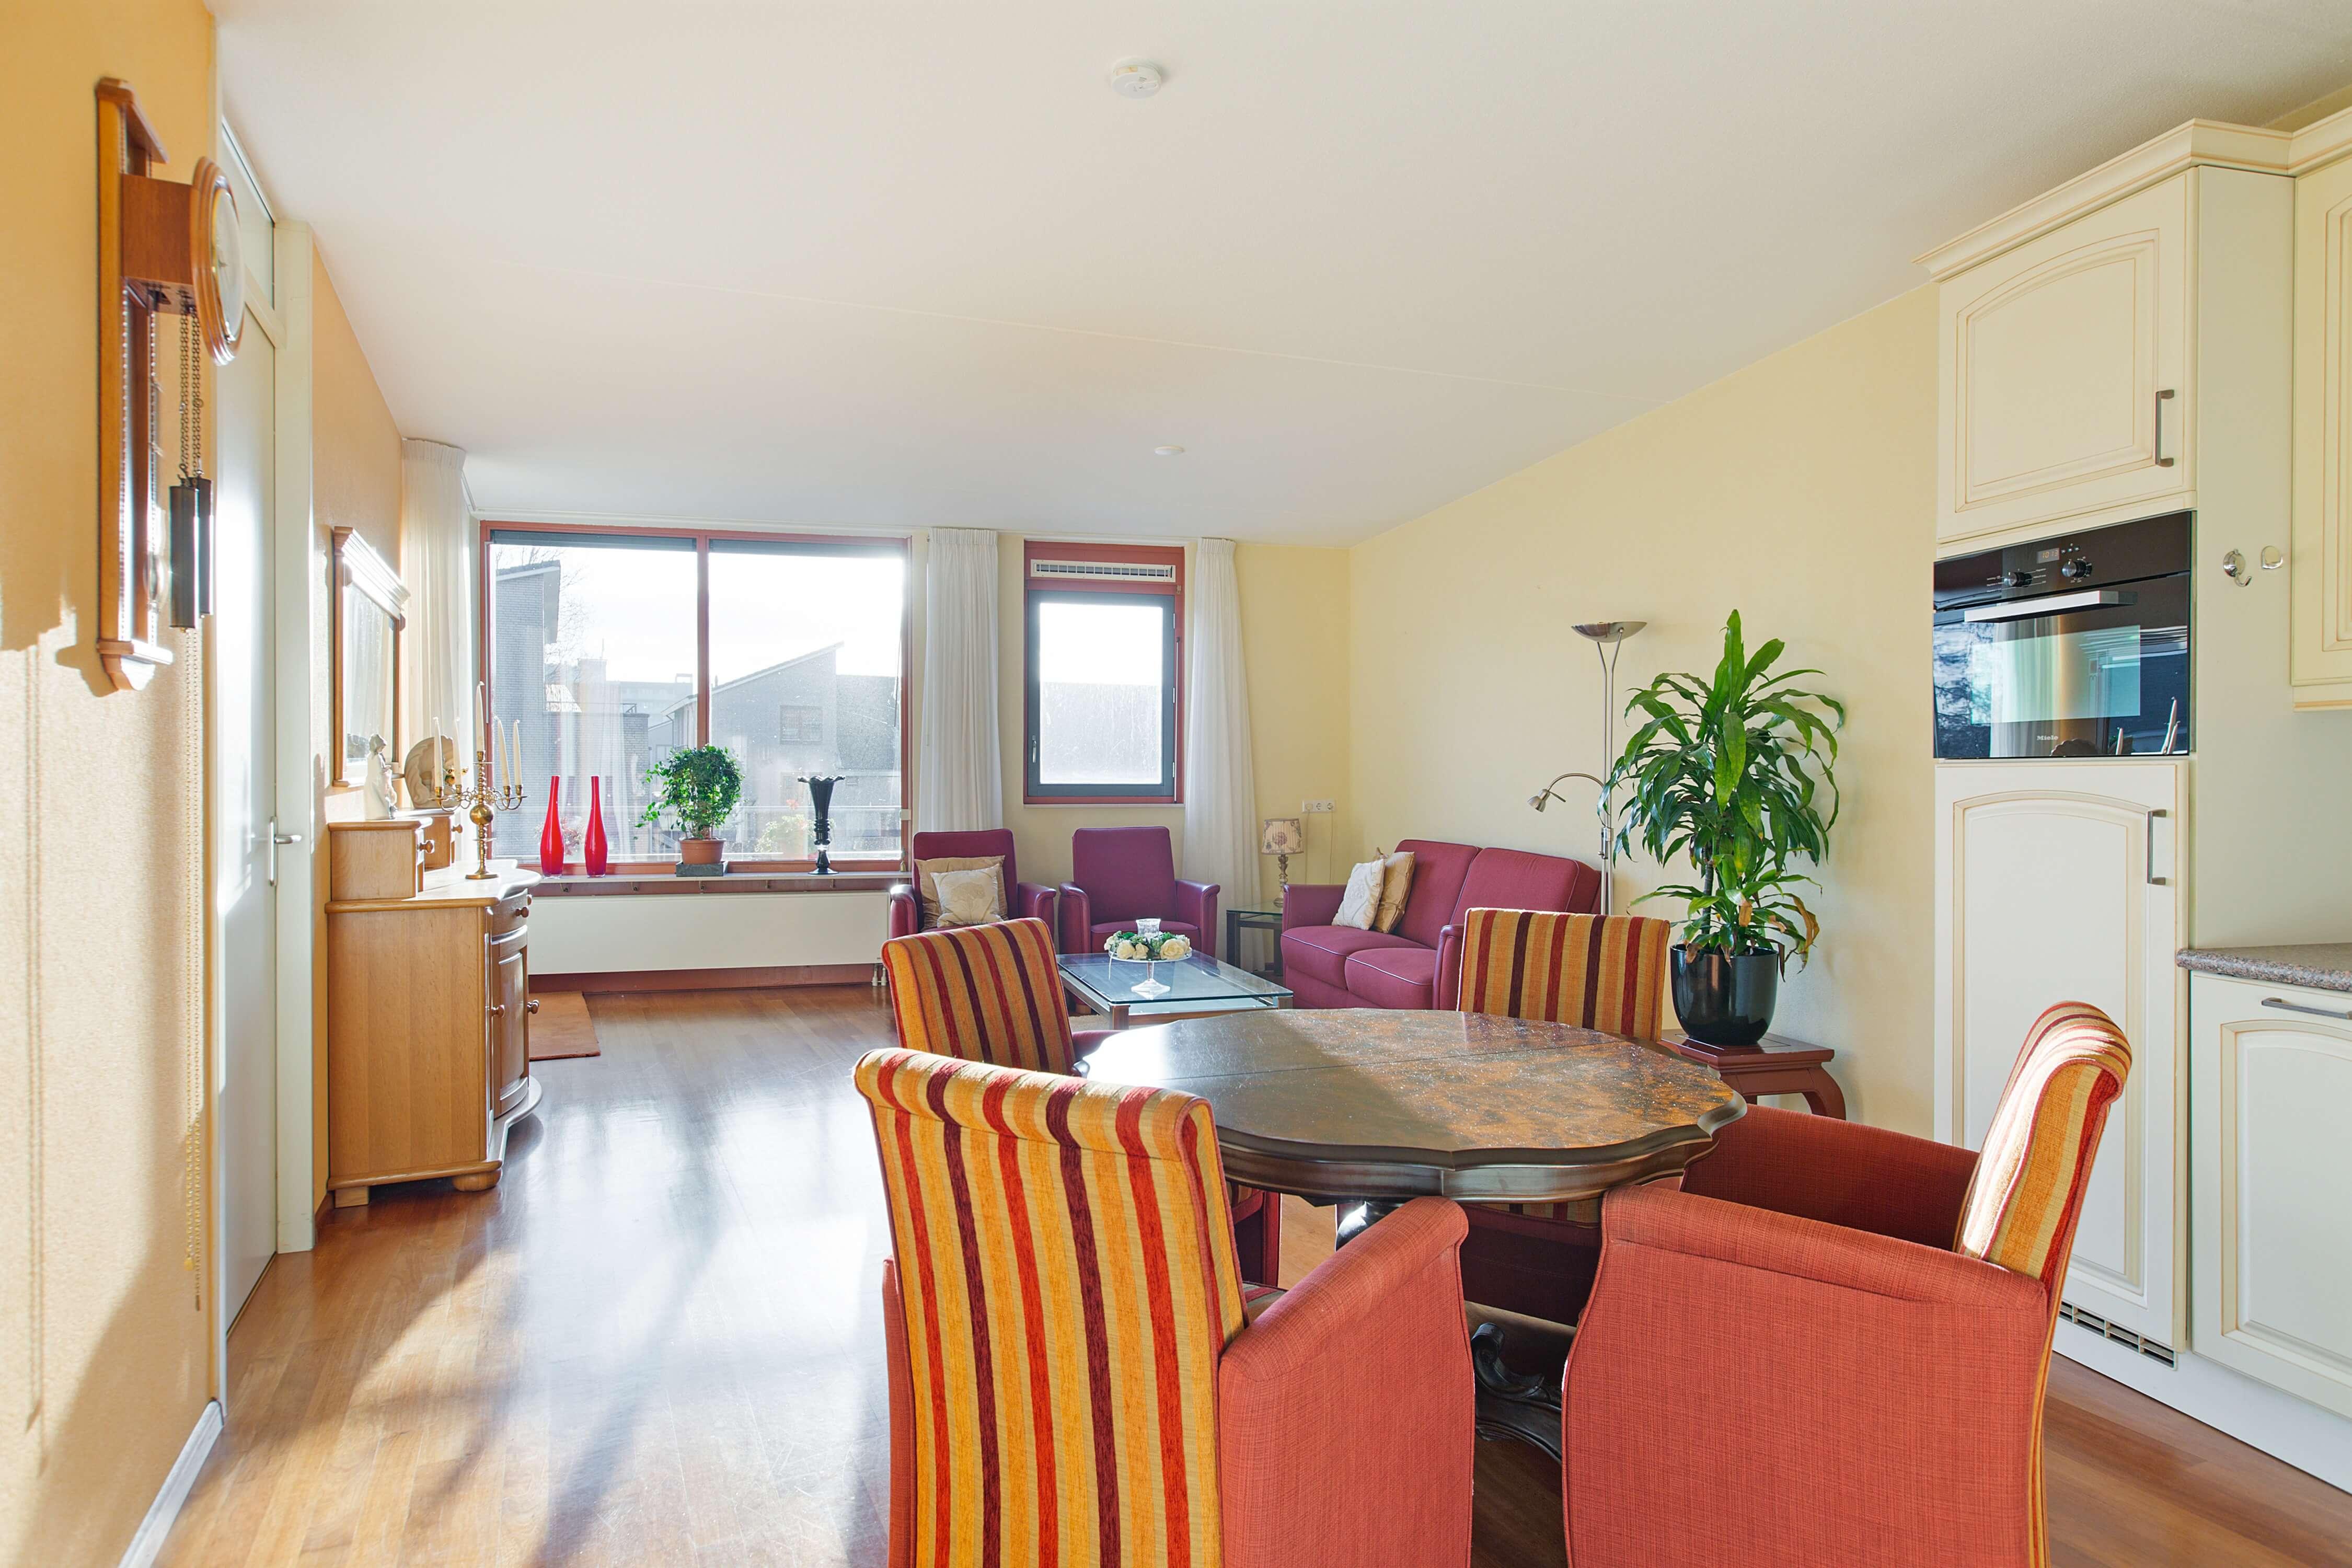 Te koop appartement Heemskerk Lessestraat Heemskerk woonkamer - Huisinzicht